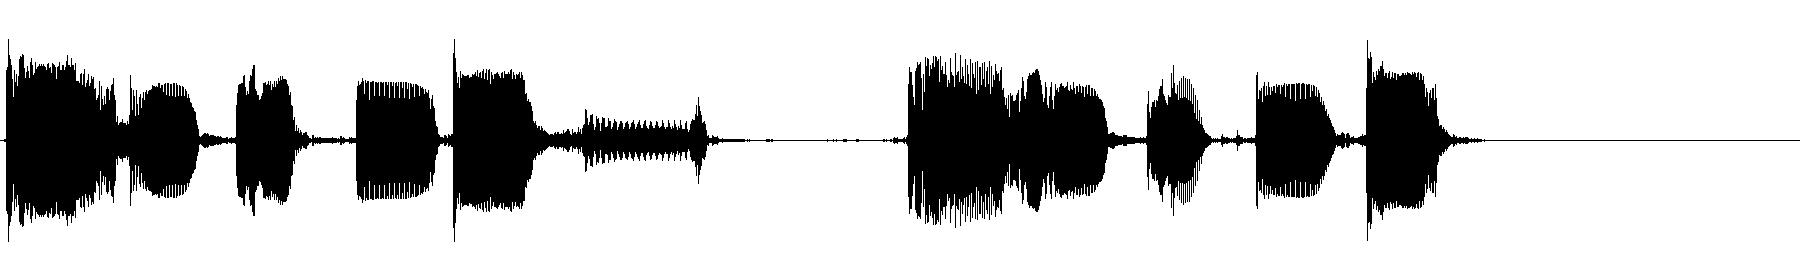 guitarfunk03 130